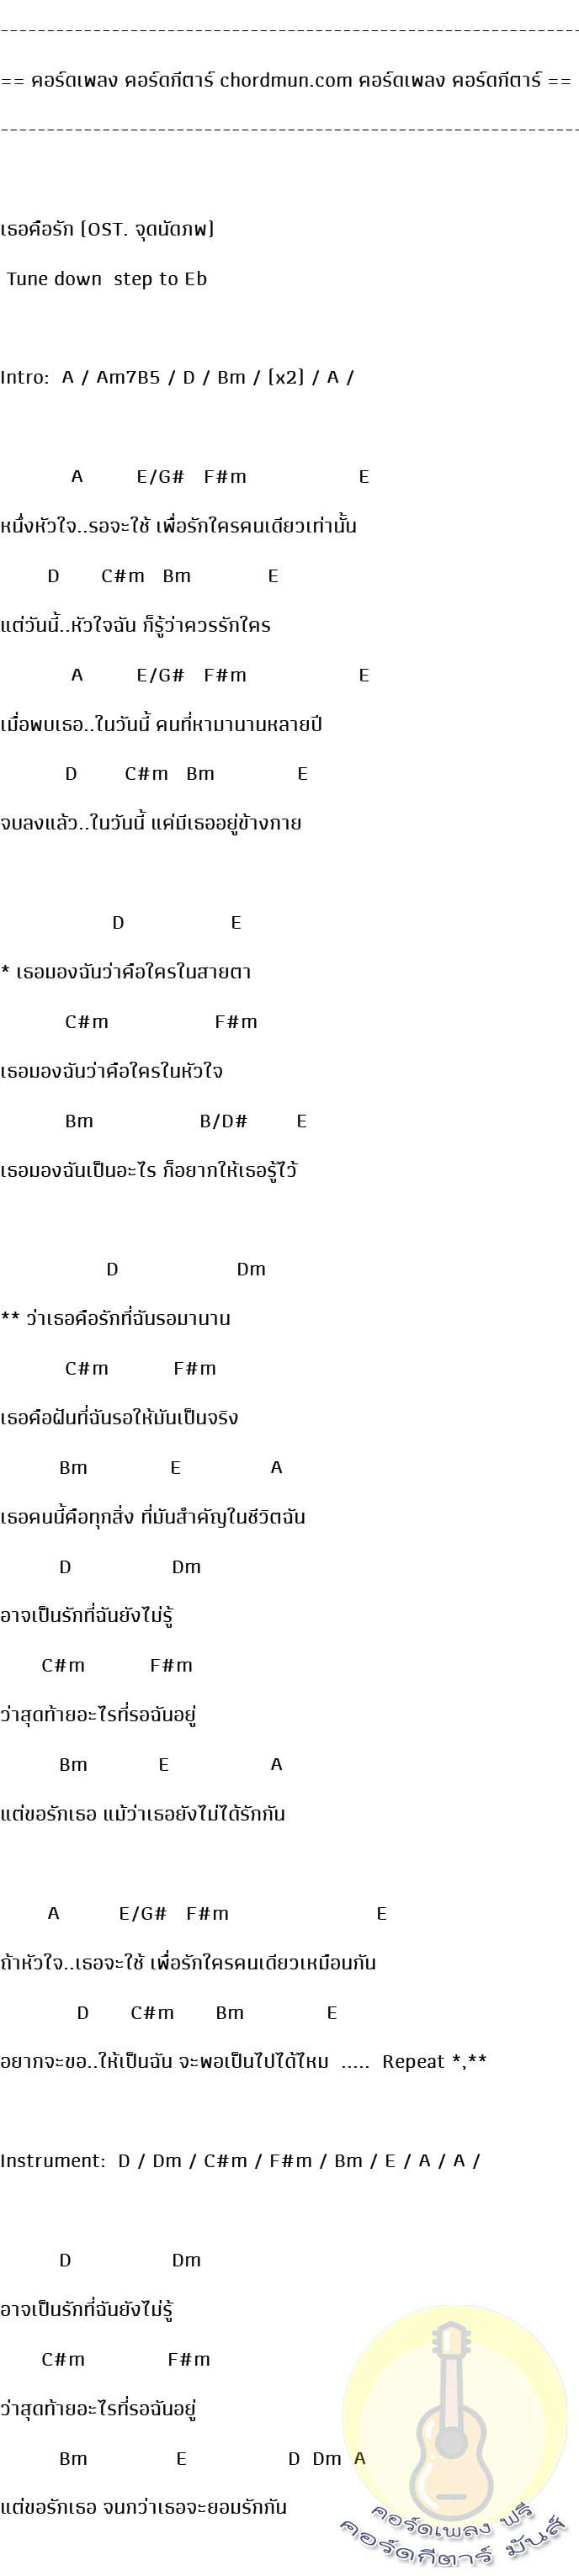 คอร์ดกีตาร์พื้นฐาน  เพลง เธอคือรัก (OST. จุดนัดภพ)